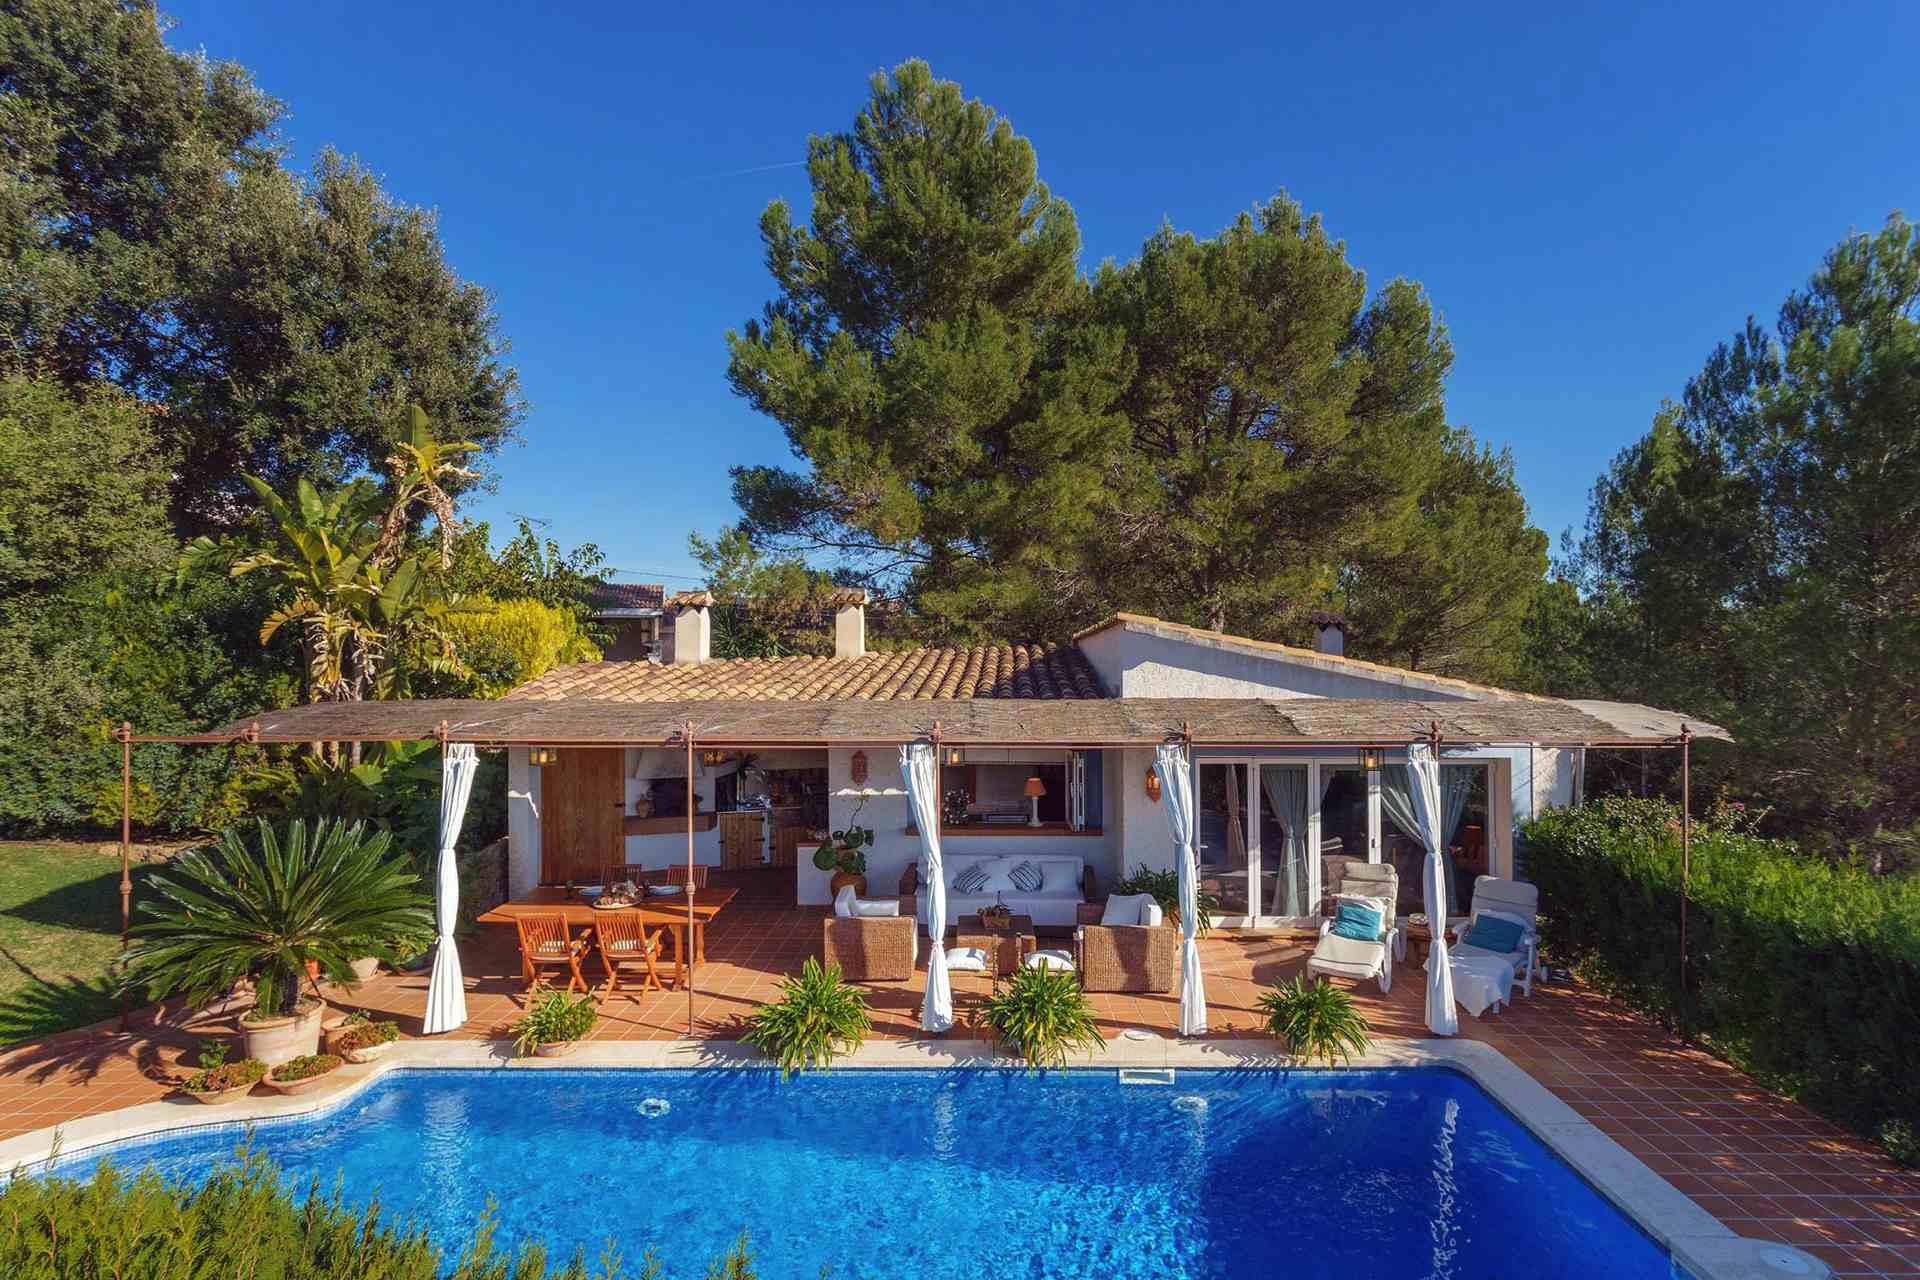 01-287 cozy Finca North Mallorca Bild 3